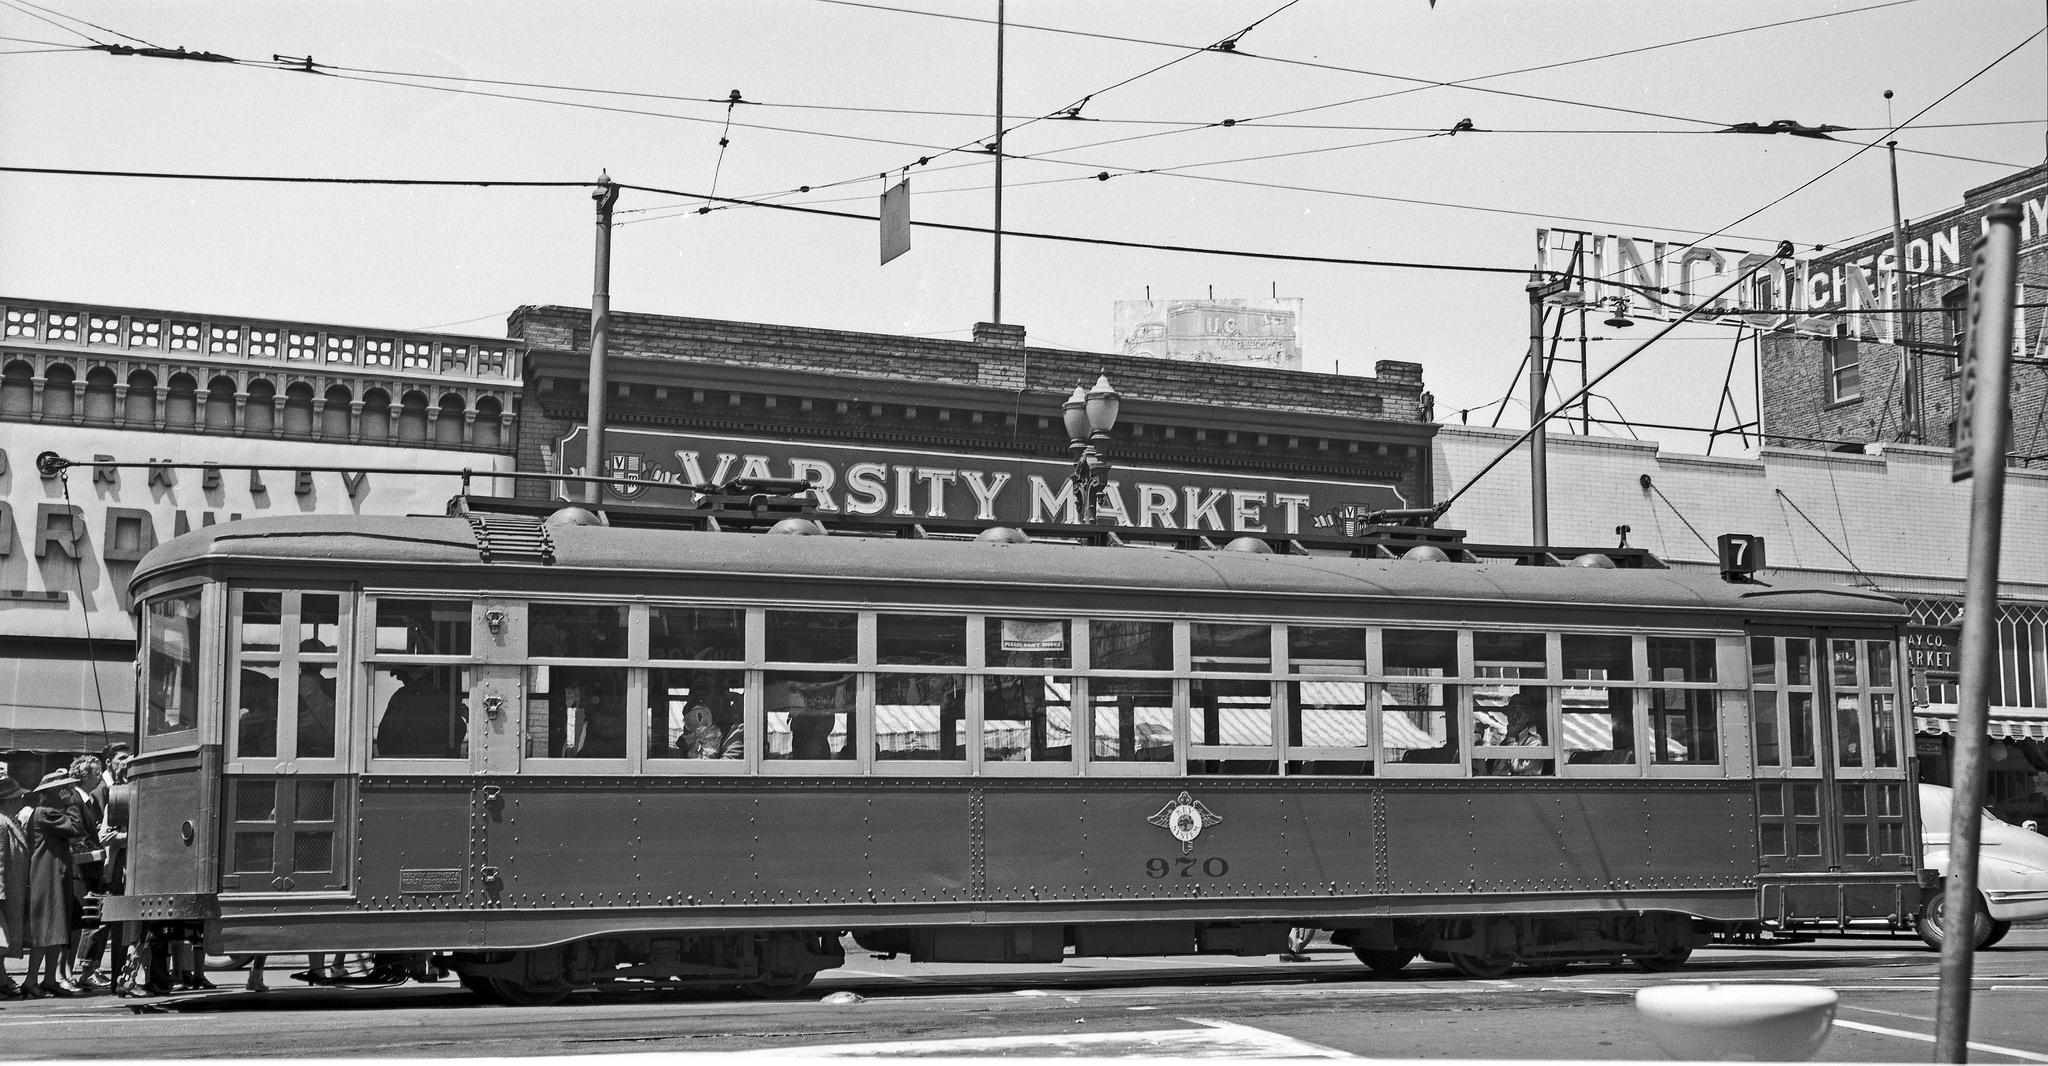 varsity-market